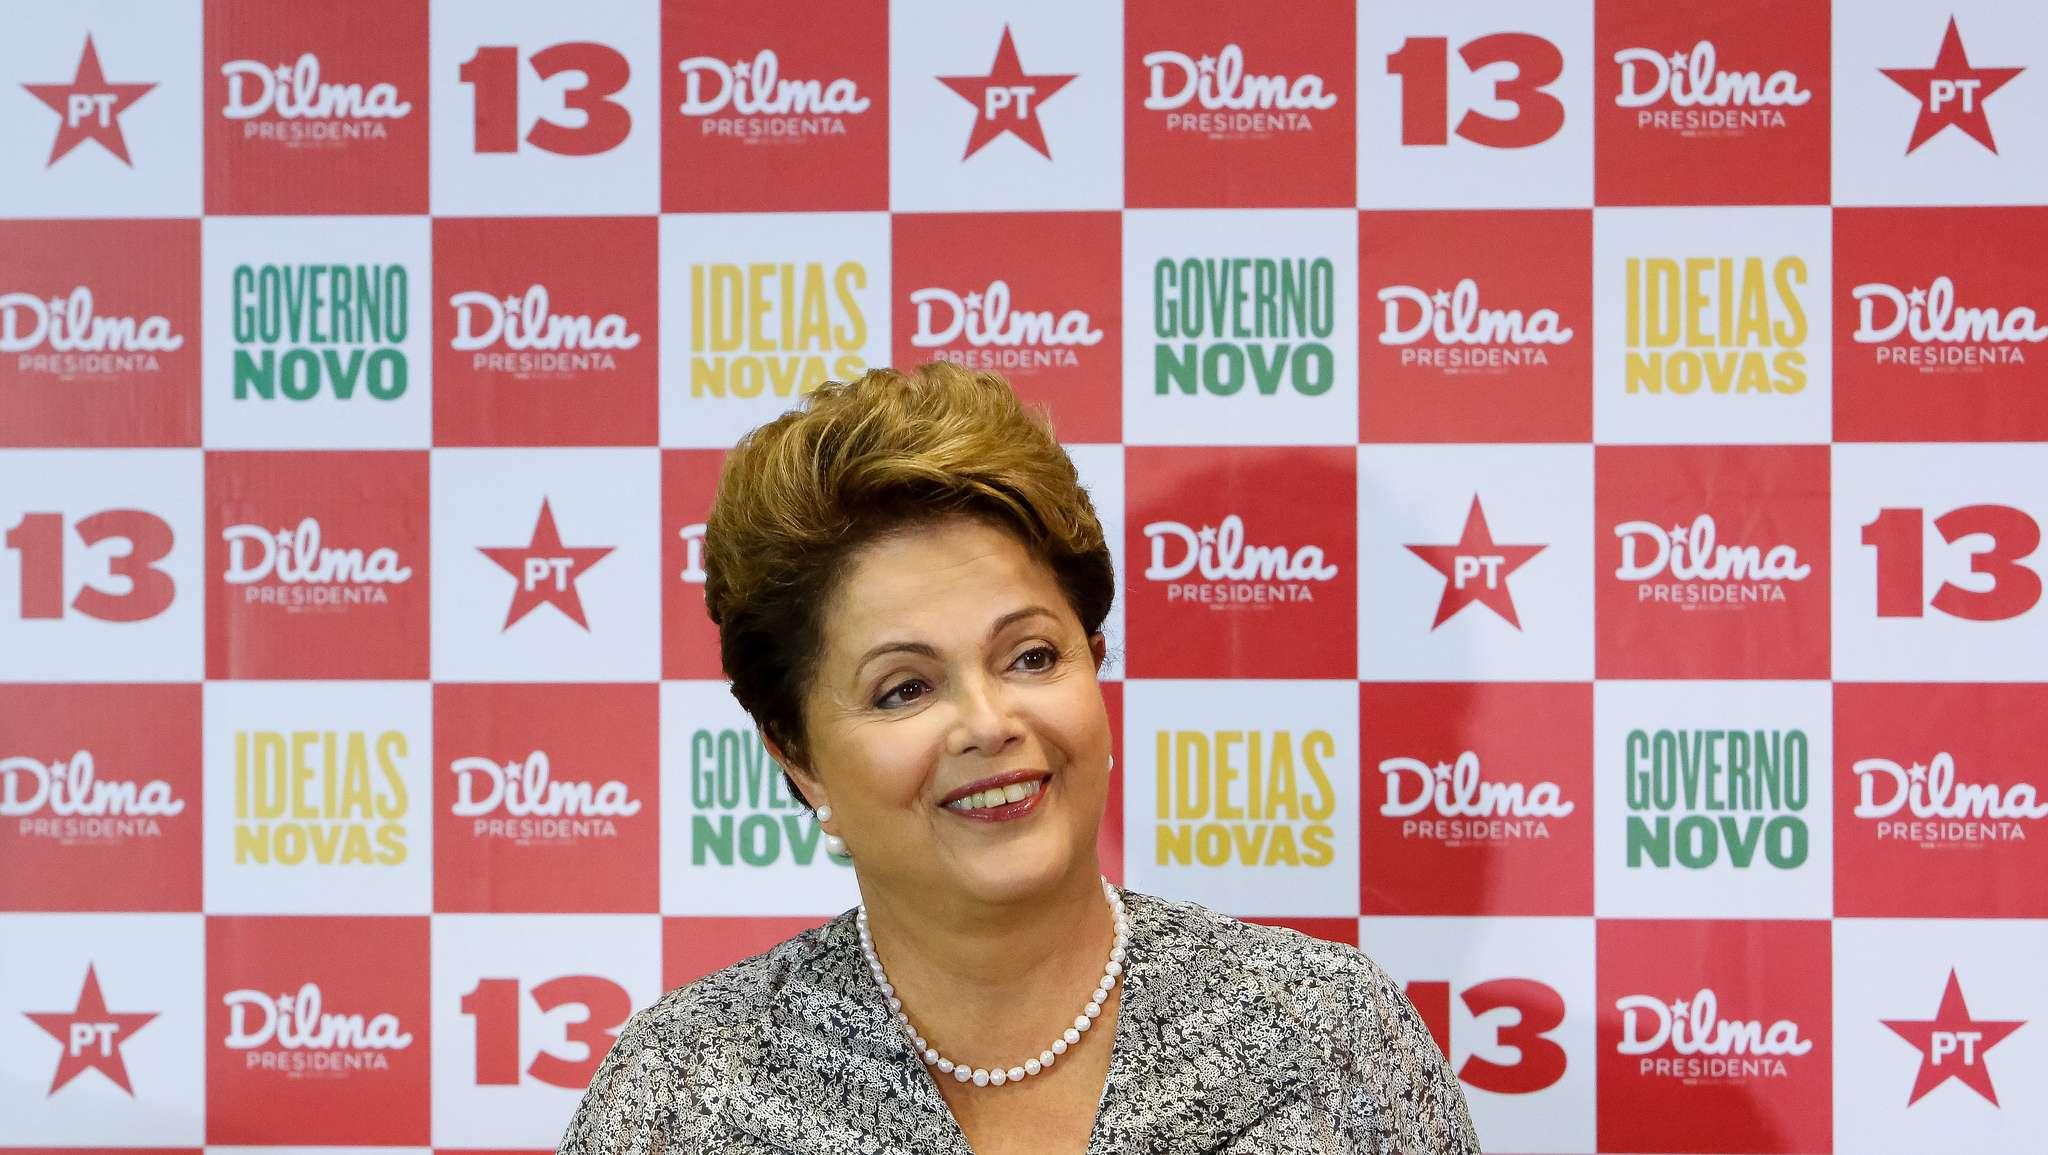 Dilma Roussef durante entrevista a jornalistas em um hotel na Barra da Tijuca, no Rio de Janeiro, nesta quinta-feira, 23 de outubro Foto: Ichiro Guerra/Divulgação